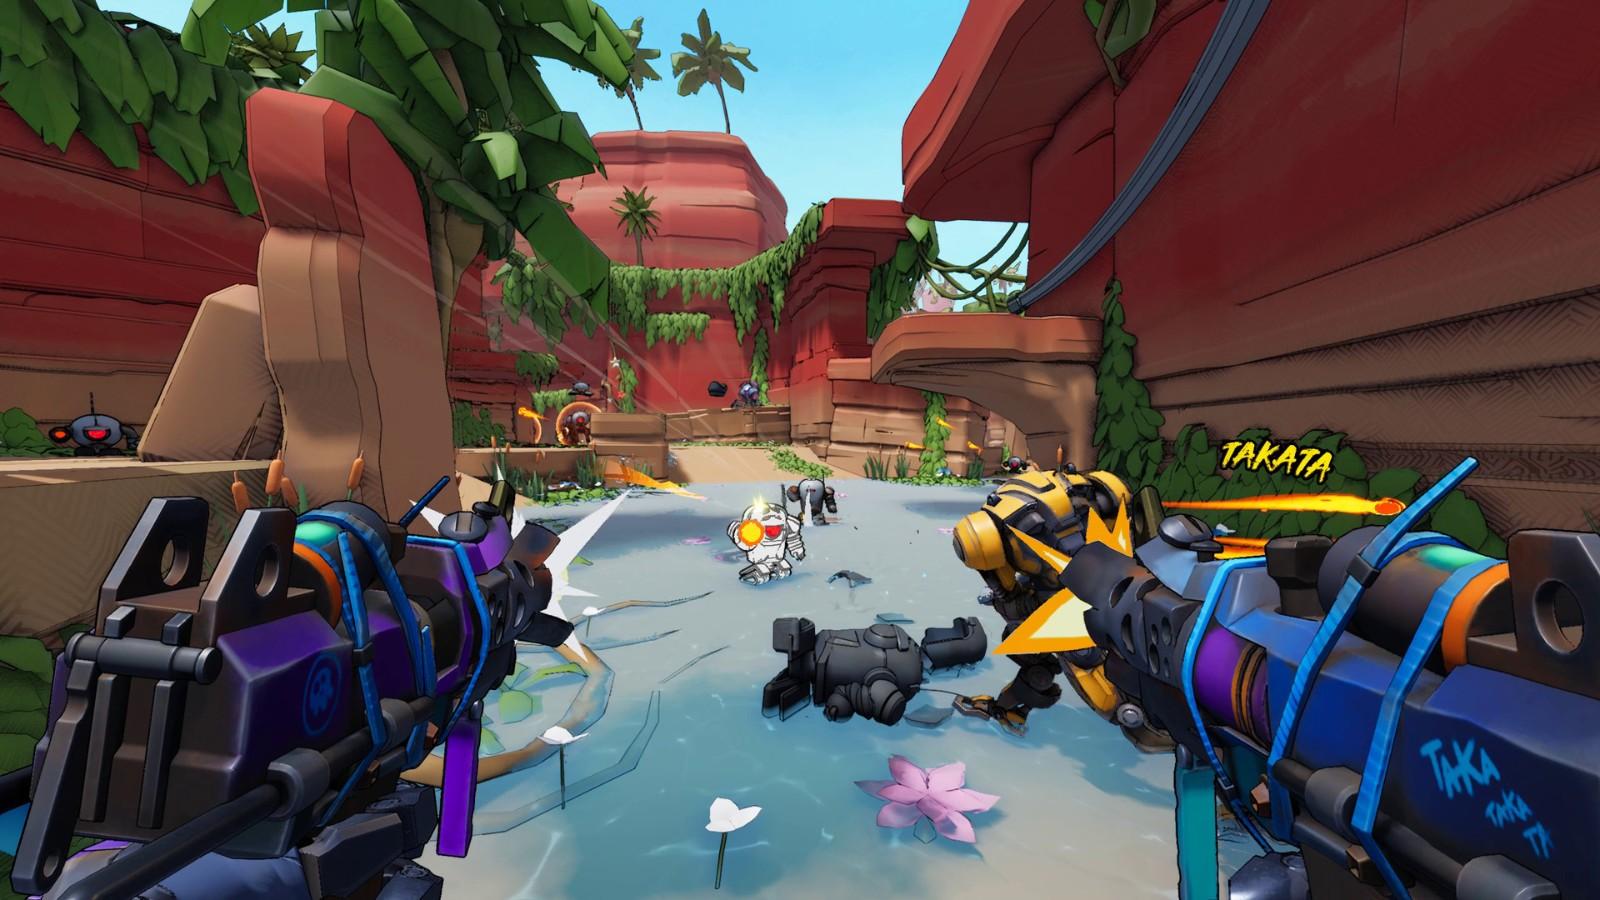 《机械守护者》将登陆Xbox主机 发售首日加入XGP